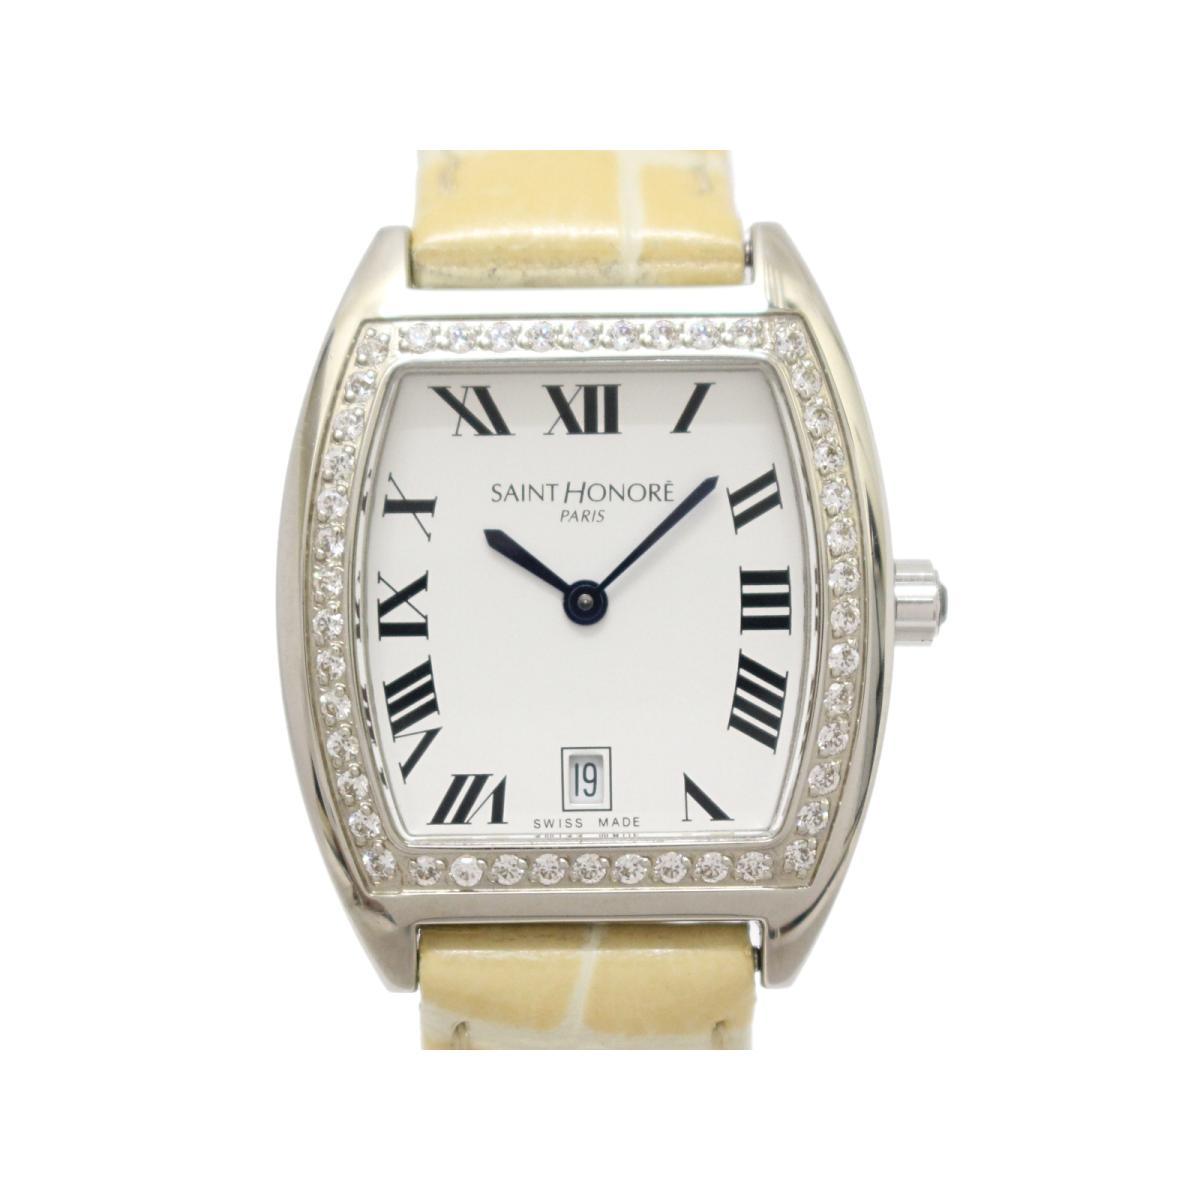 【最大24回無金利】 SANTNORE サントノーレ ダイヤモンドベゼル レディースウォッチ 腕時計 時計 レディース ステンレススチール (SS) × ダイヤモンド 【中古】 | BRANDOFF ブランドオフ ブランド ブランド時計 ブランド腕時計 ウォッチ